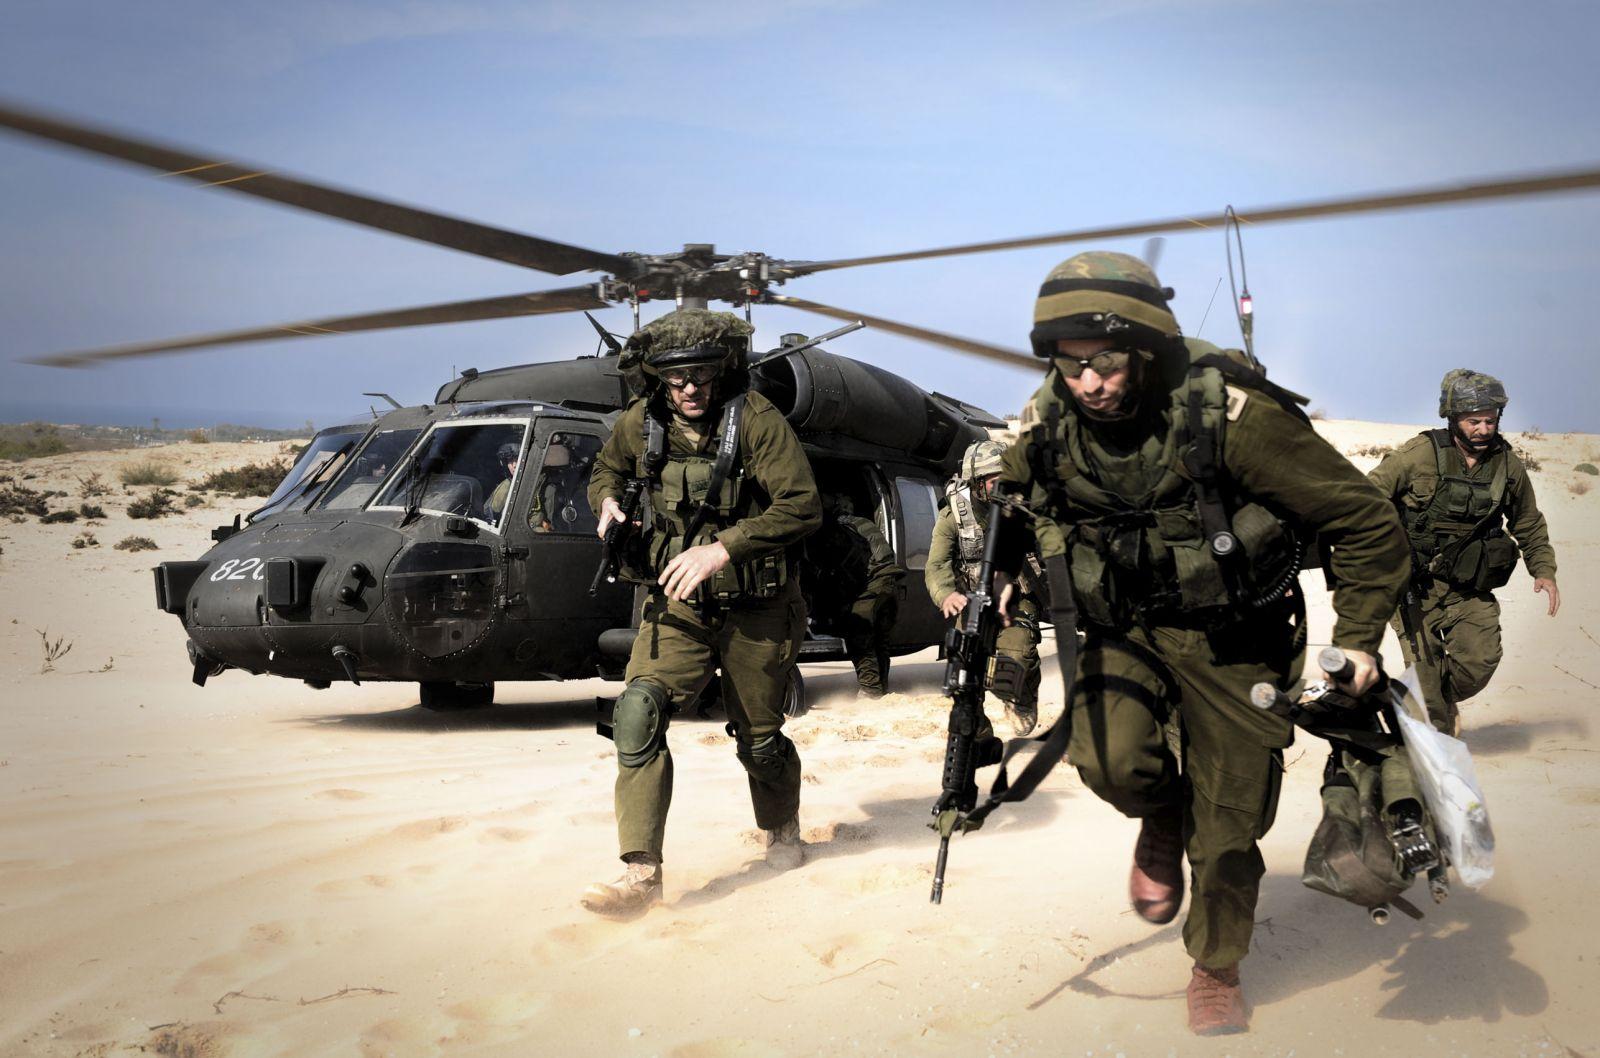 فرضيات الاحتلال الإسرائيلي الخاطئة في عدوان غزة 2014